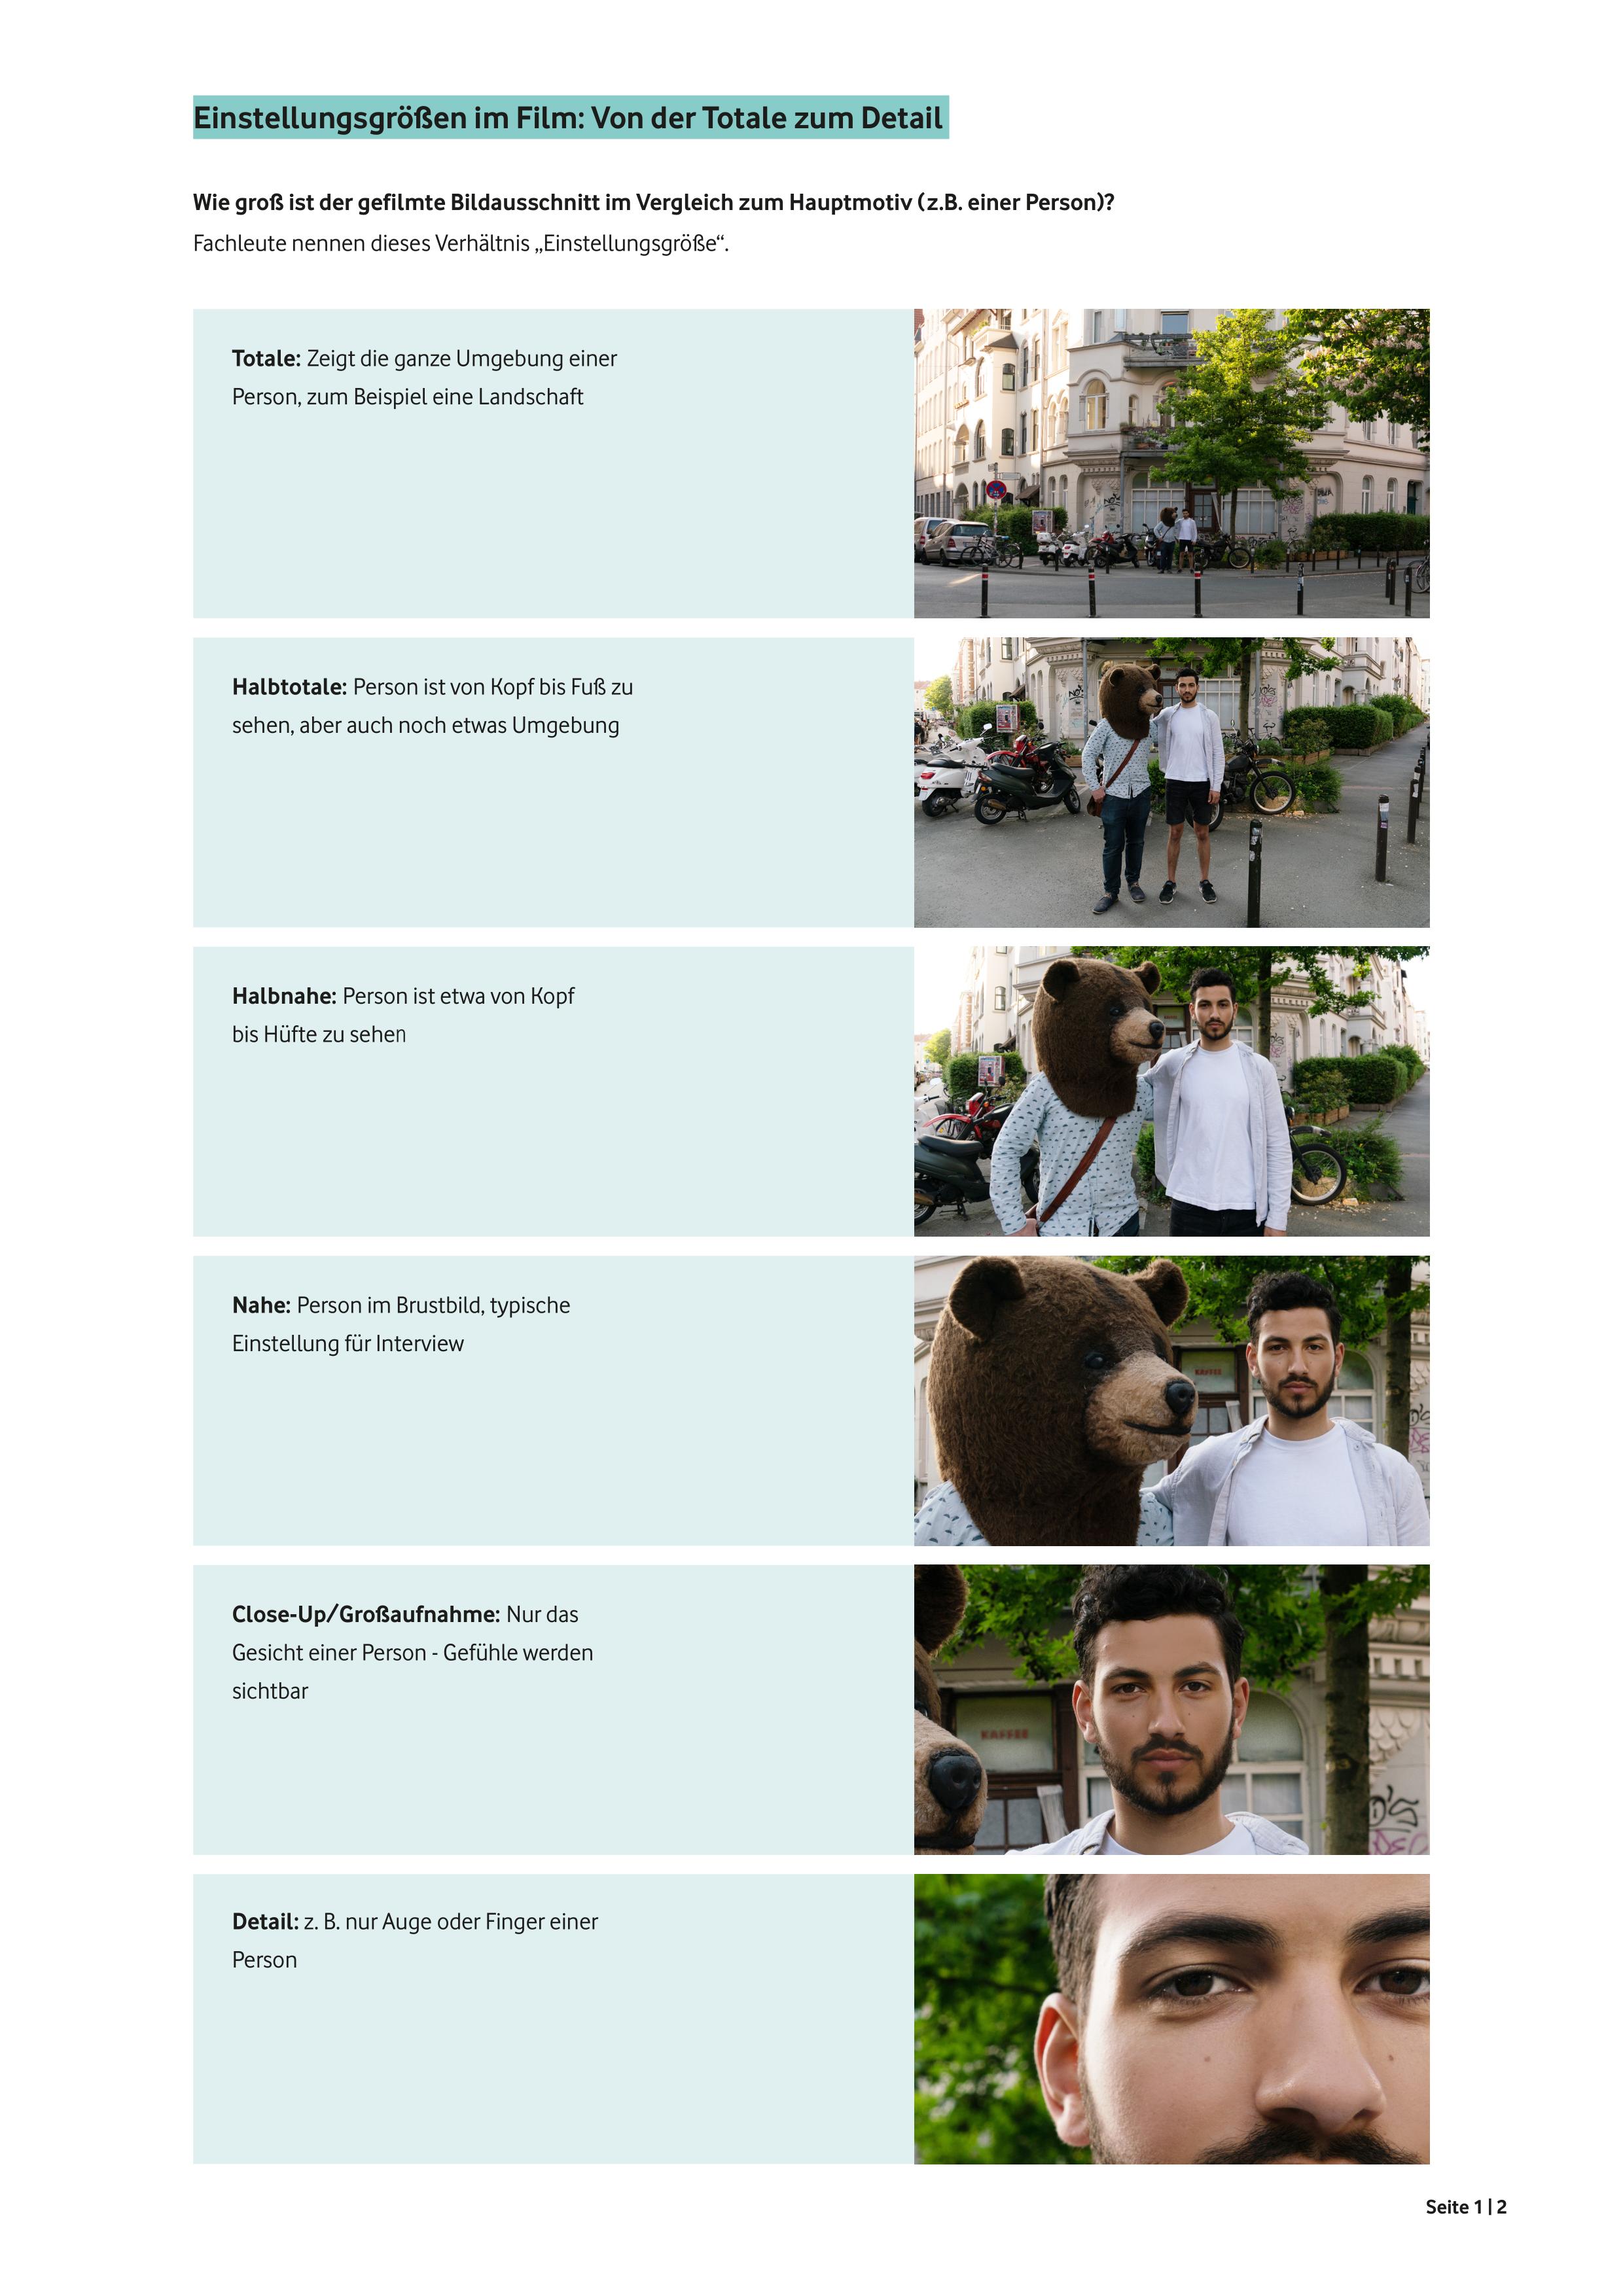 Infografik Videos Filmen Und Schneiden Einstellungsgrossen Und 5 Shots Regel Infografik Videos Einstellungen